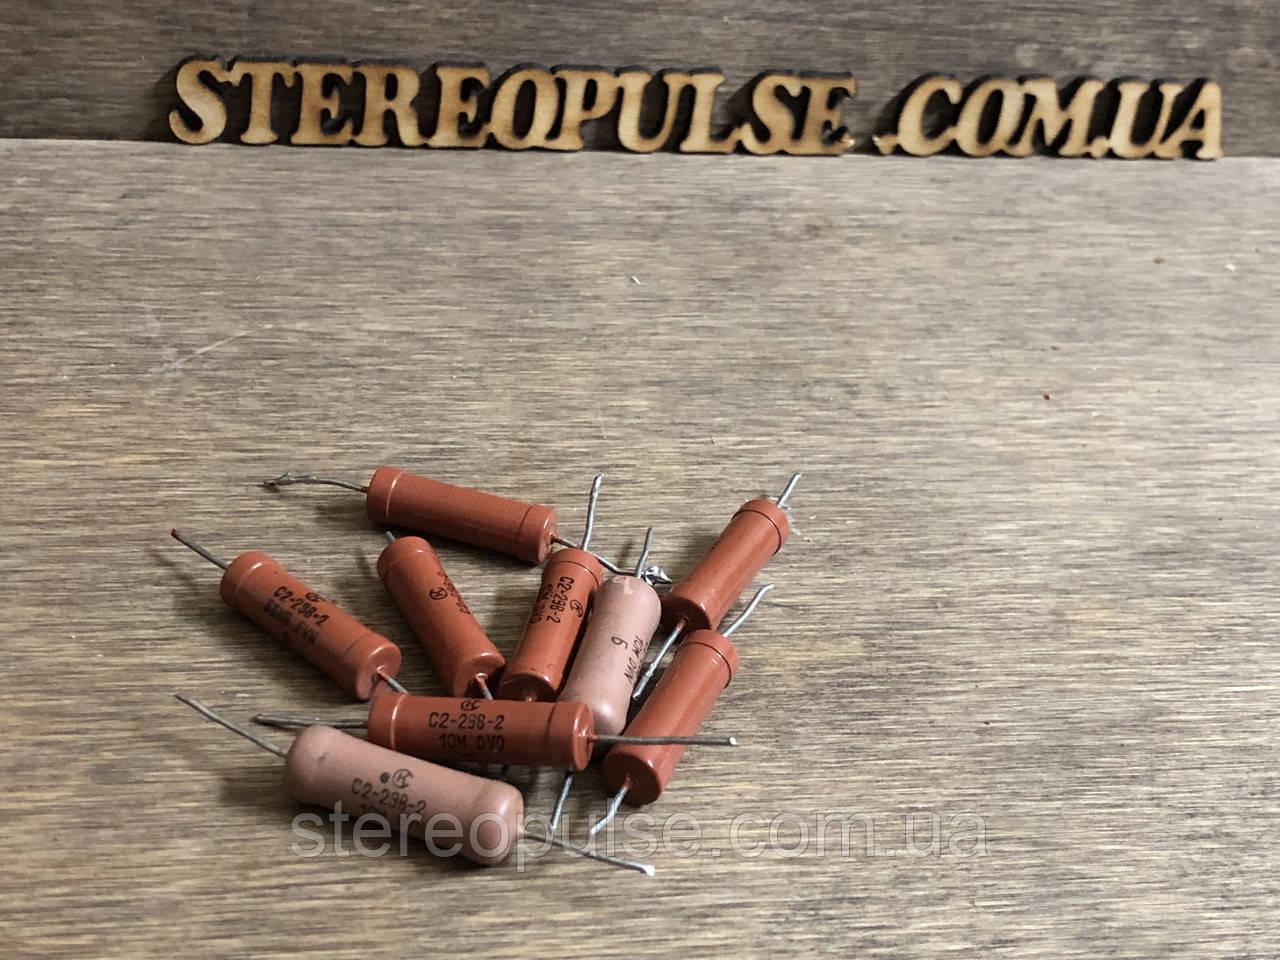 Резистор С2-29В 2 Вт 10 мОм